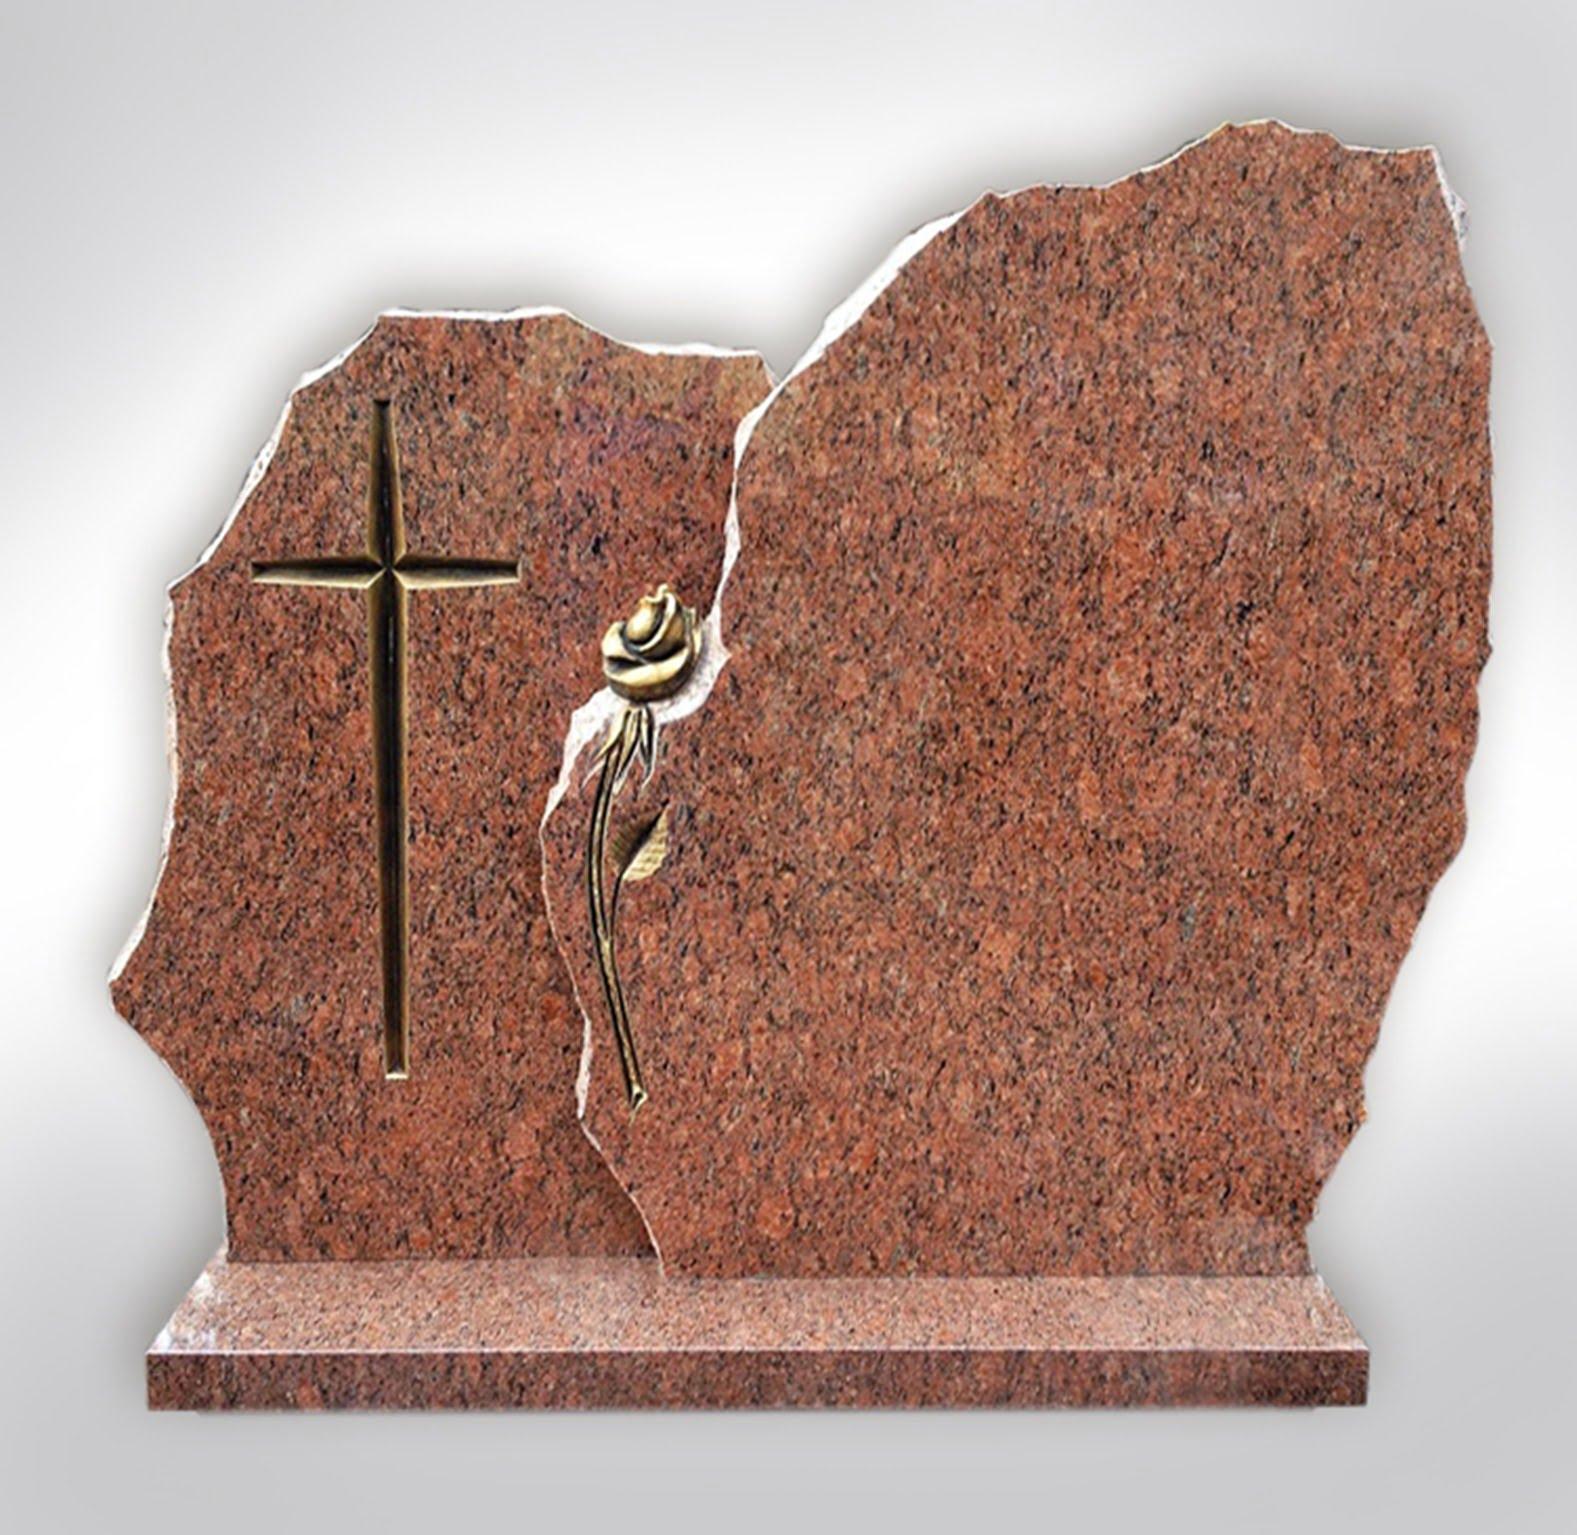 Marmurowa płyta nagrobkowa - Nagrobki Bielsko-Biała